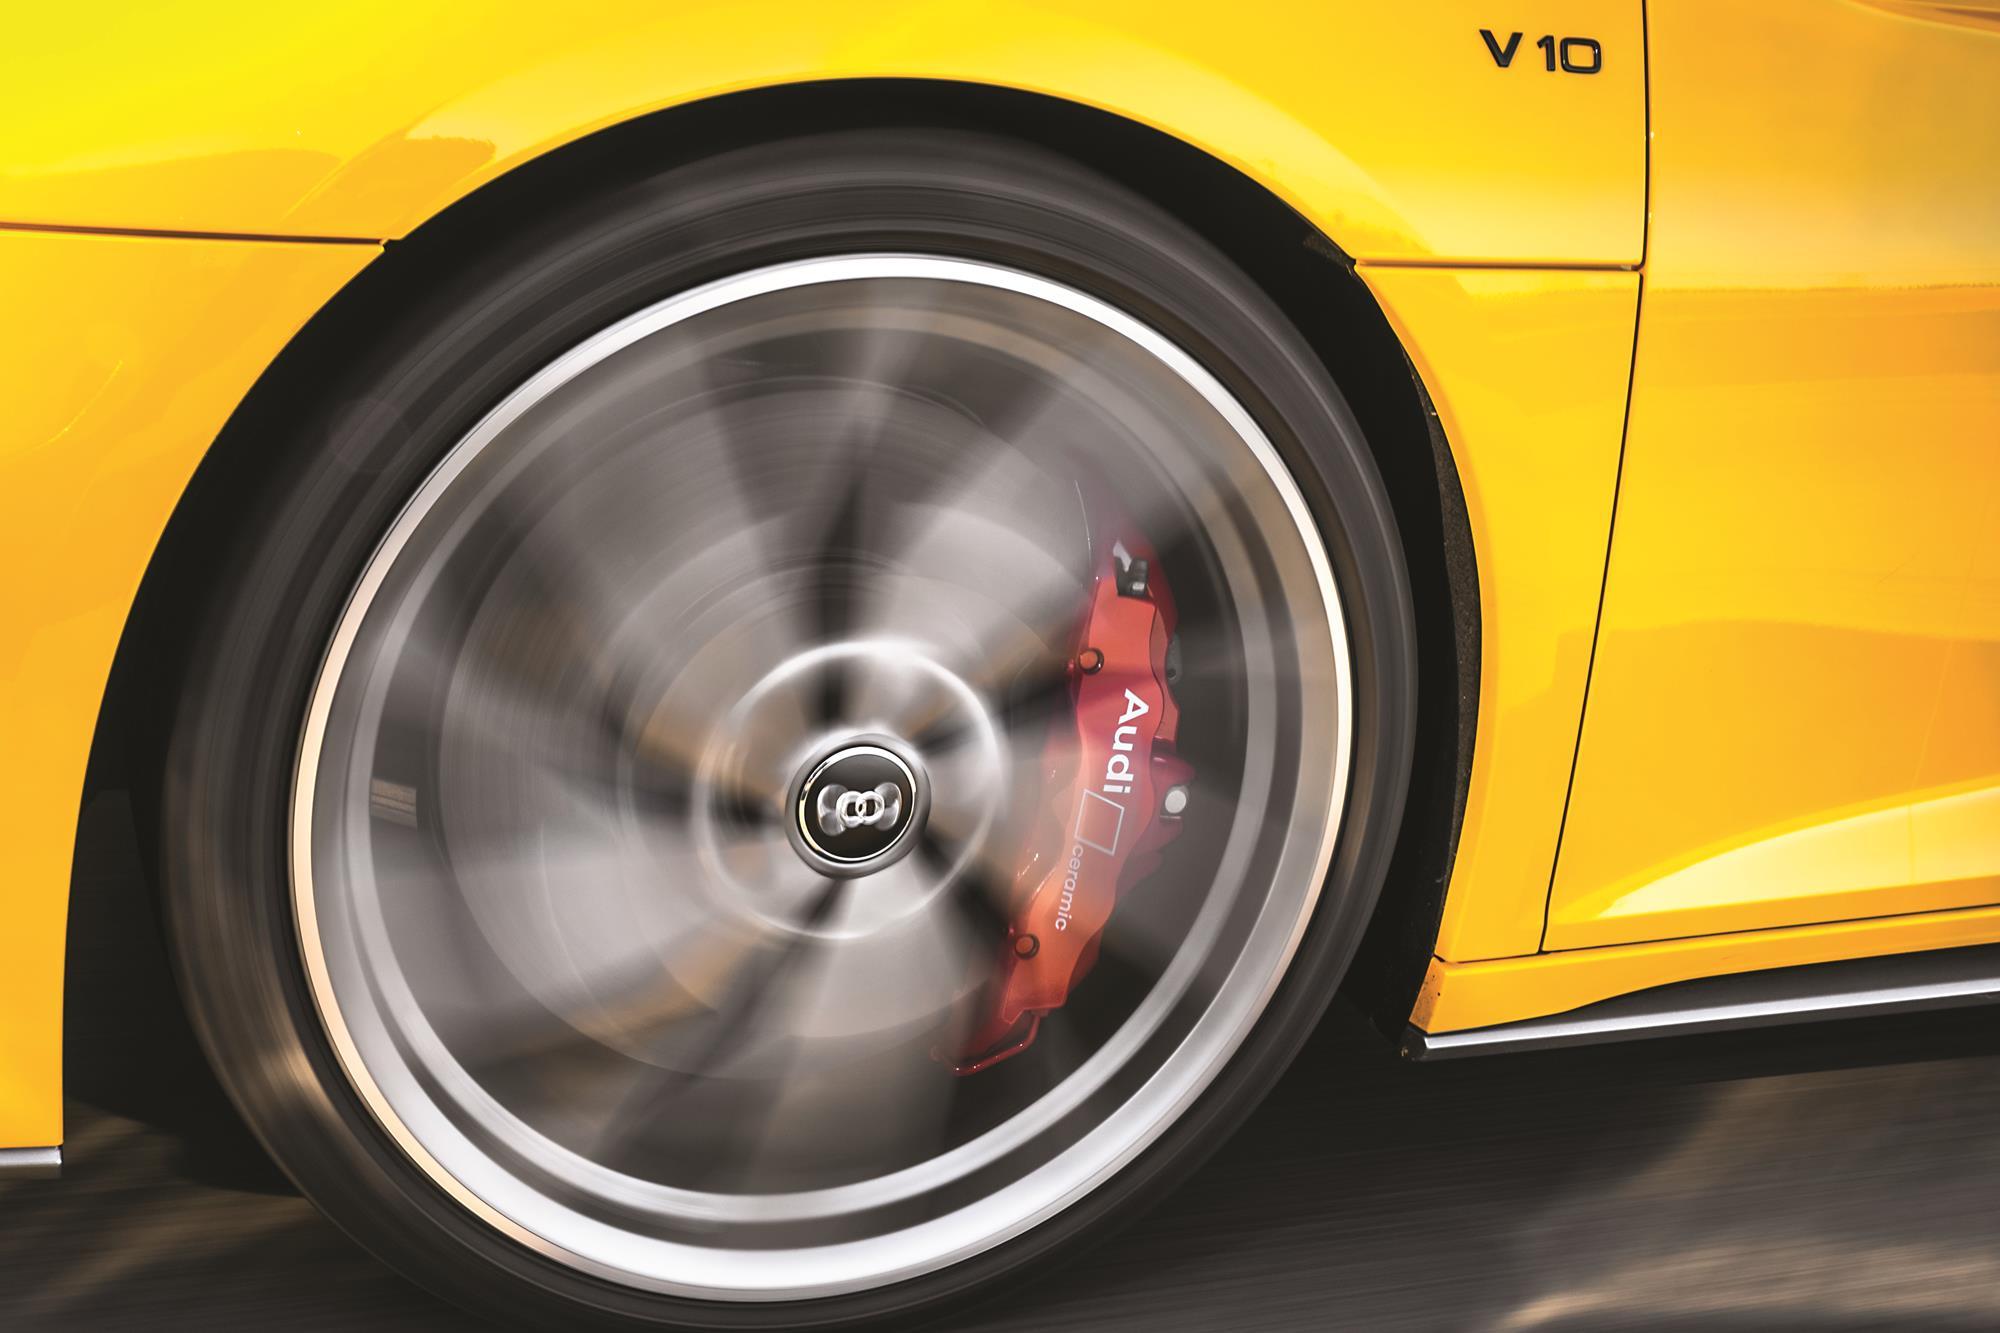 Audi R8 V10 Performance 2020 amarelo roda e freio